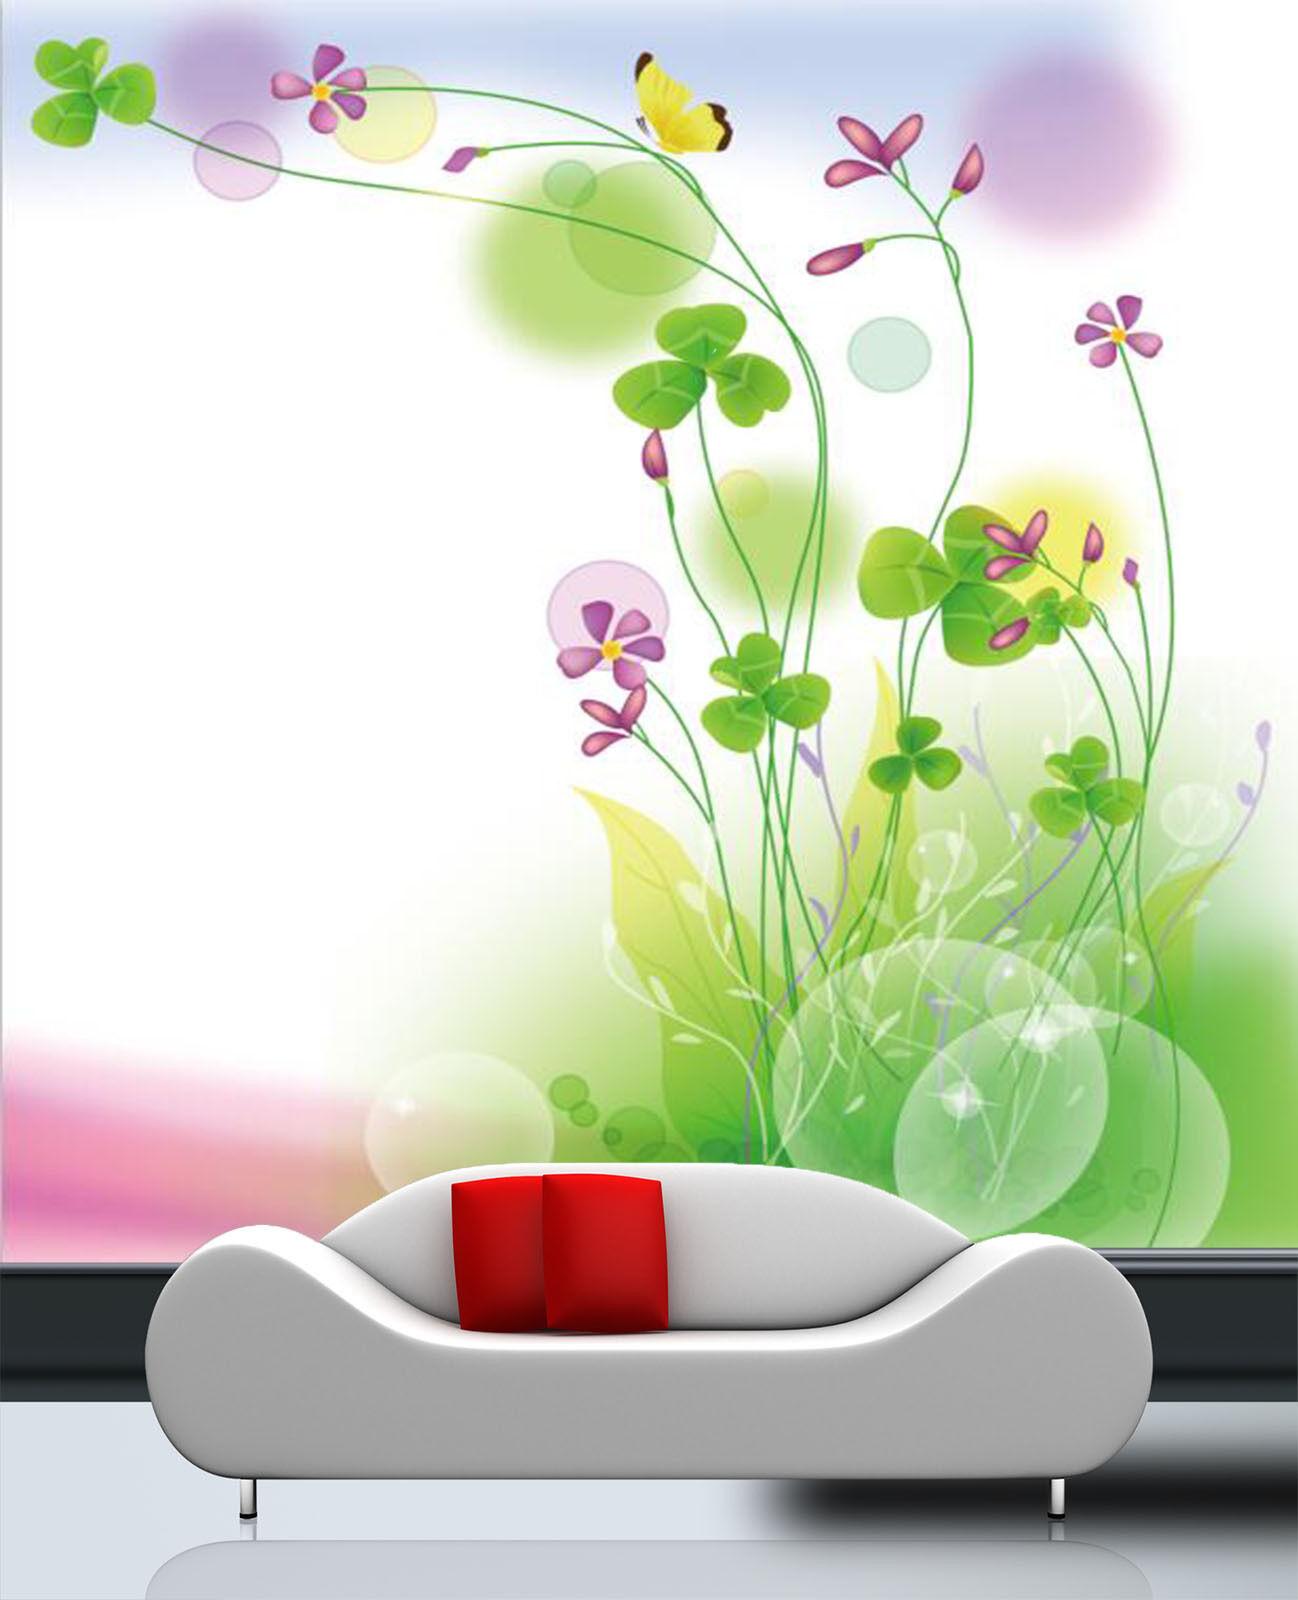 3D Grne Bltter 332 Fototapeten Wandbild Fototapete Bild Tapete Familie Kinder